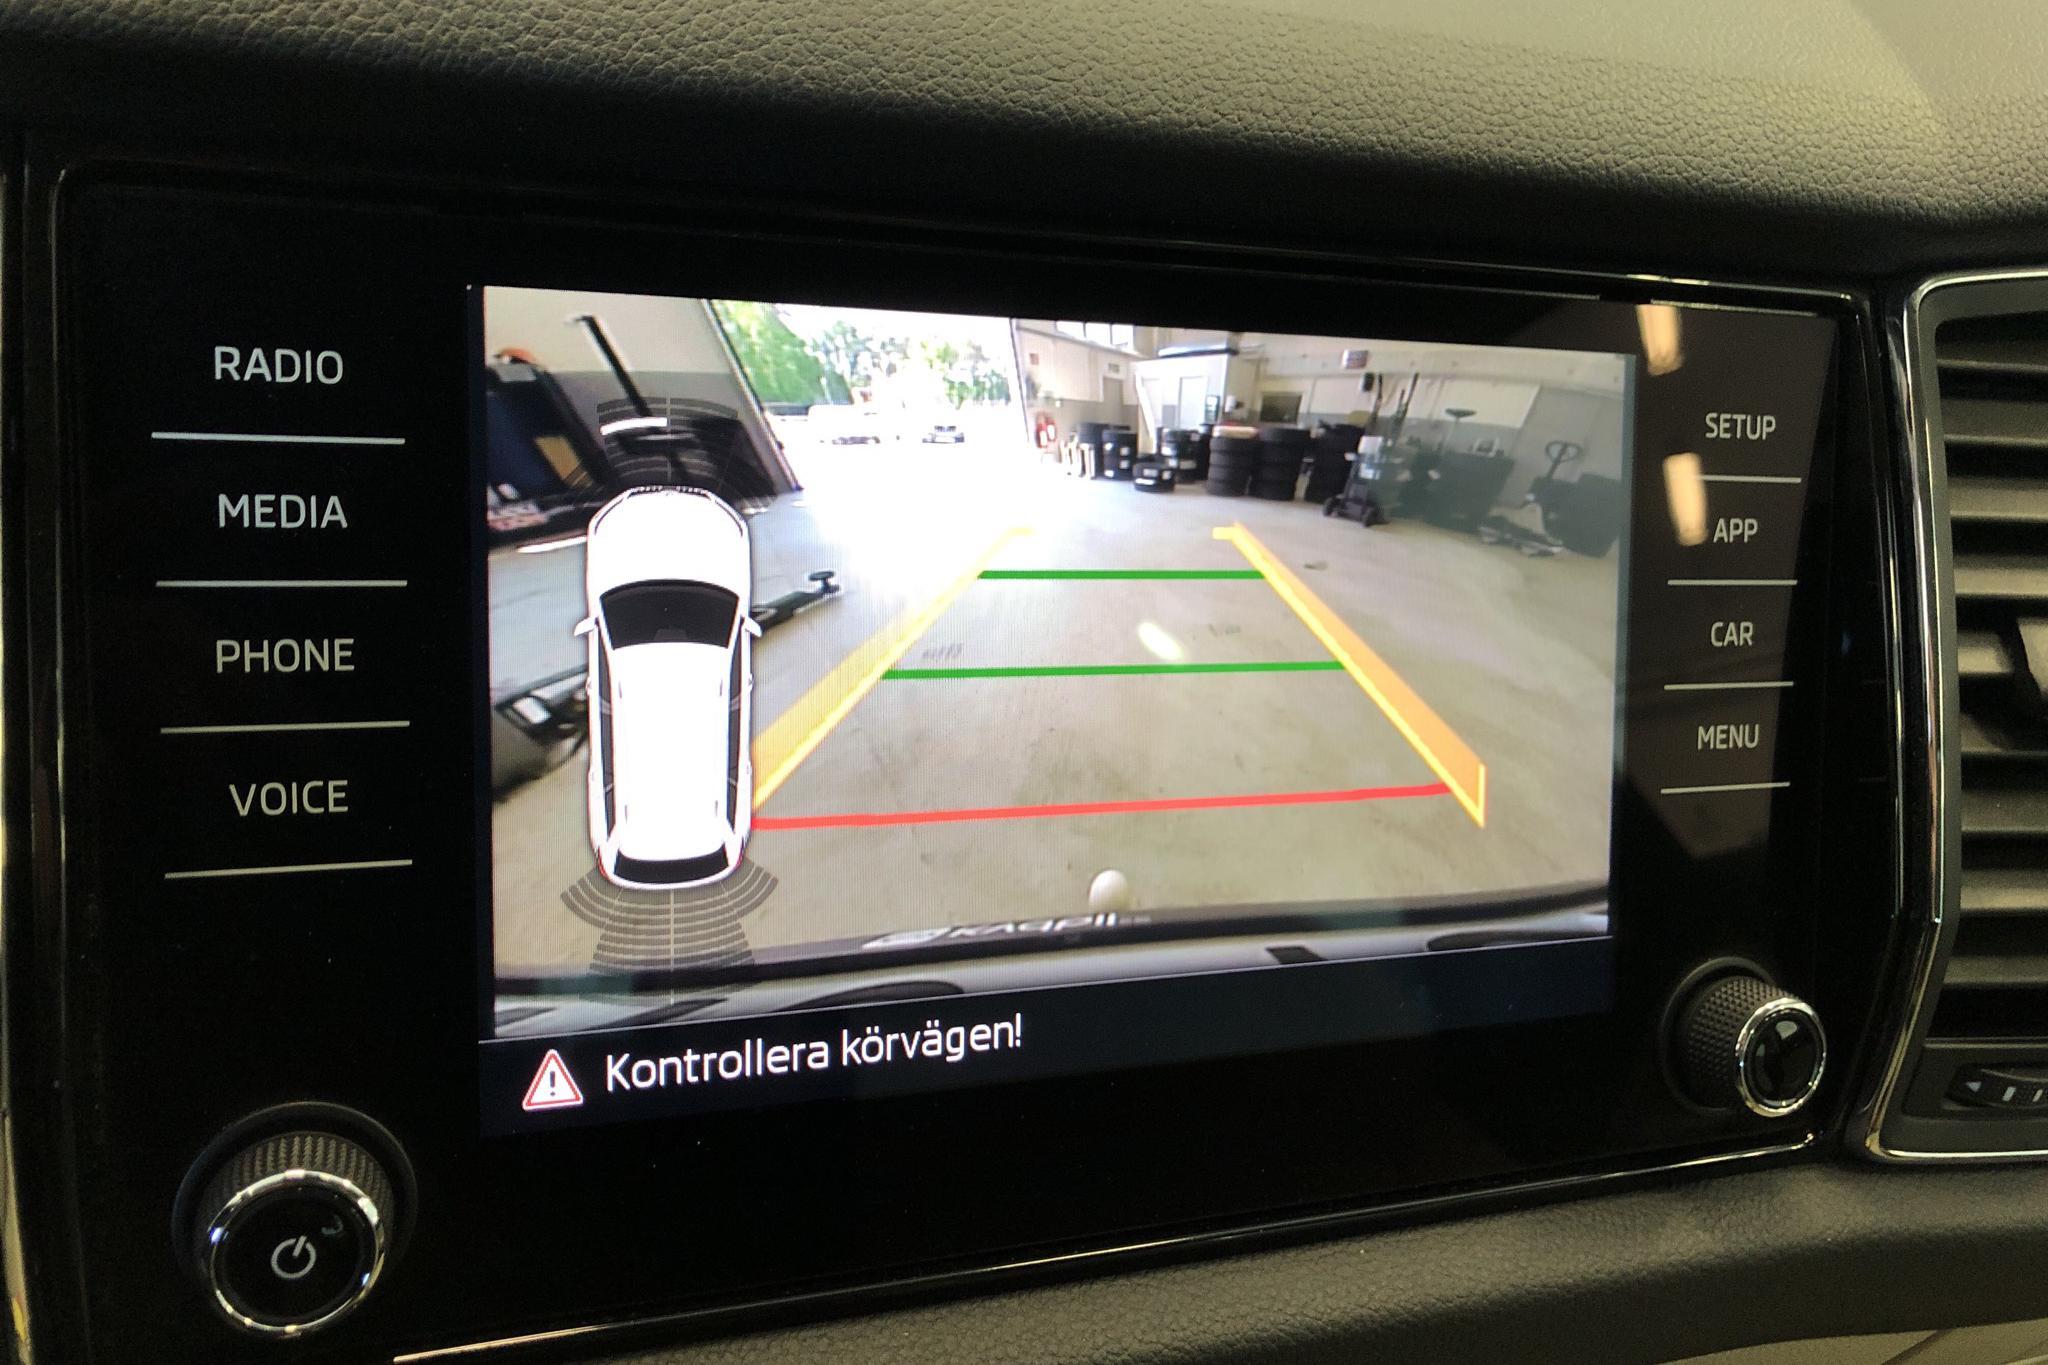 Skoda Kodiaq 2.0 TDI 4X4 (190hk) - 10 362 mil - Automat - svart - 2018